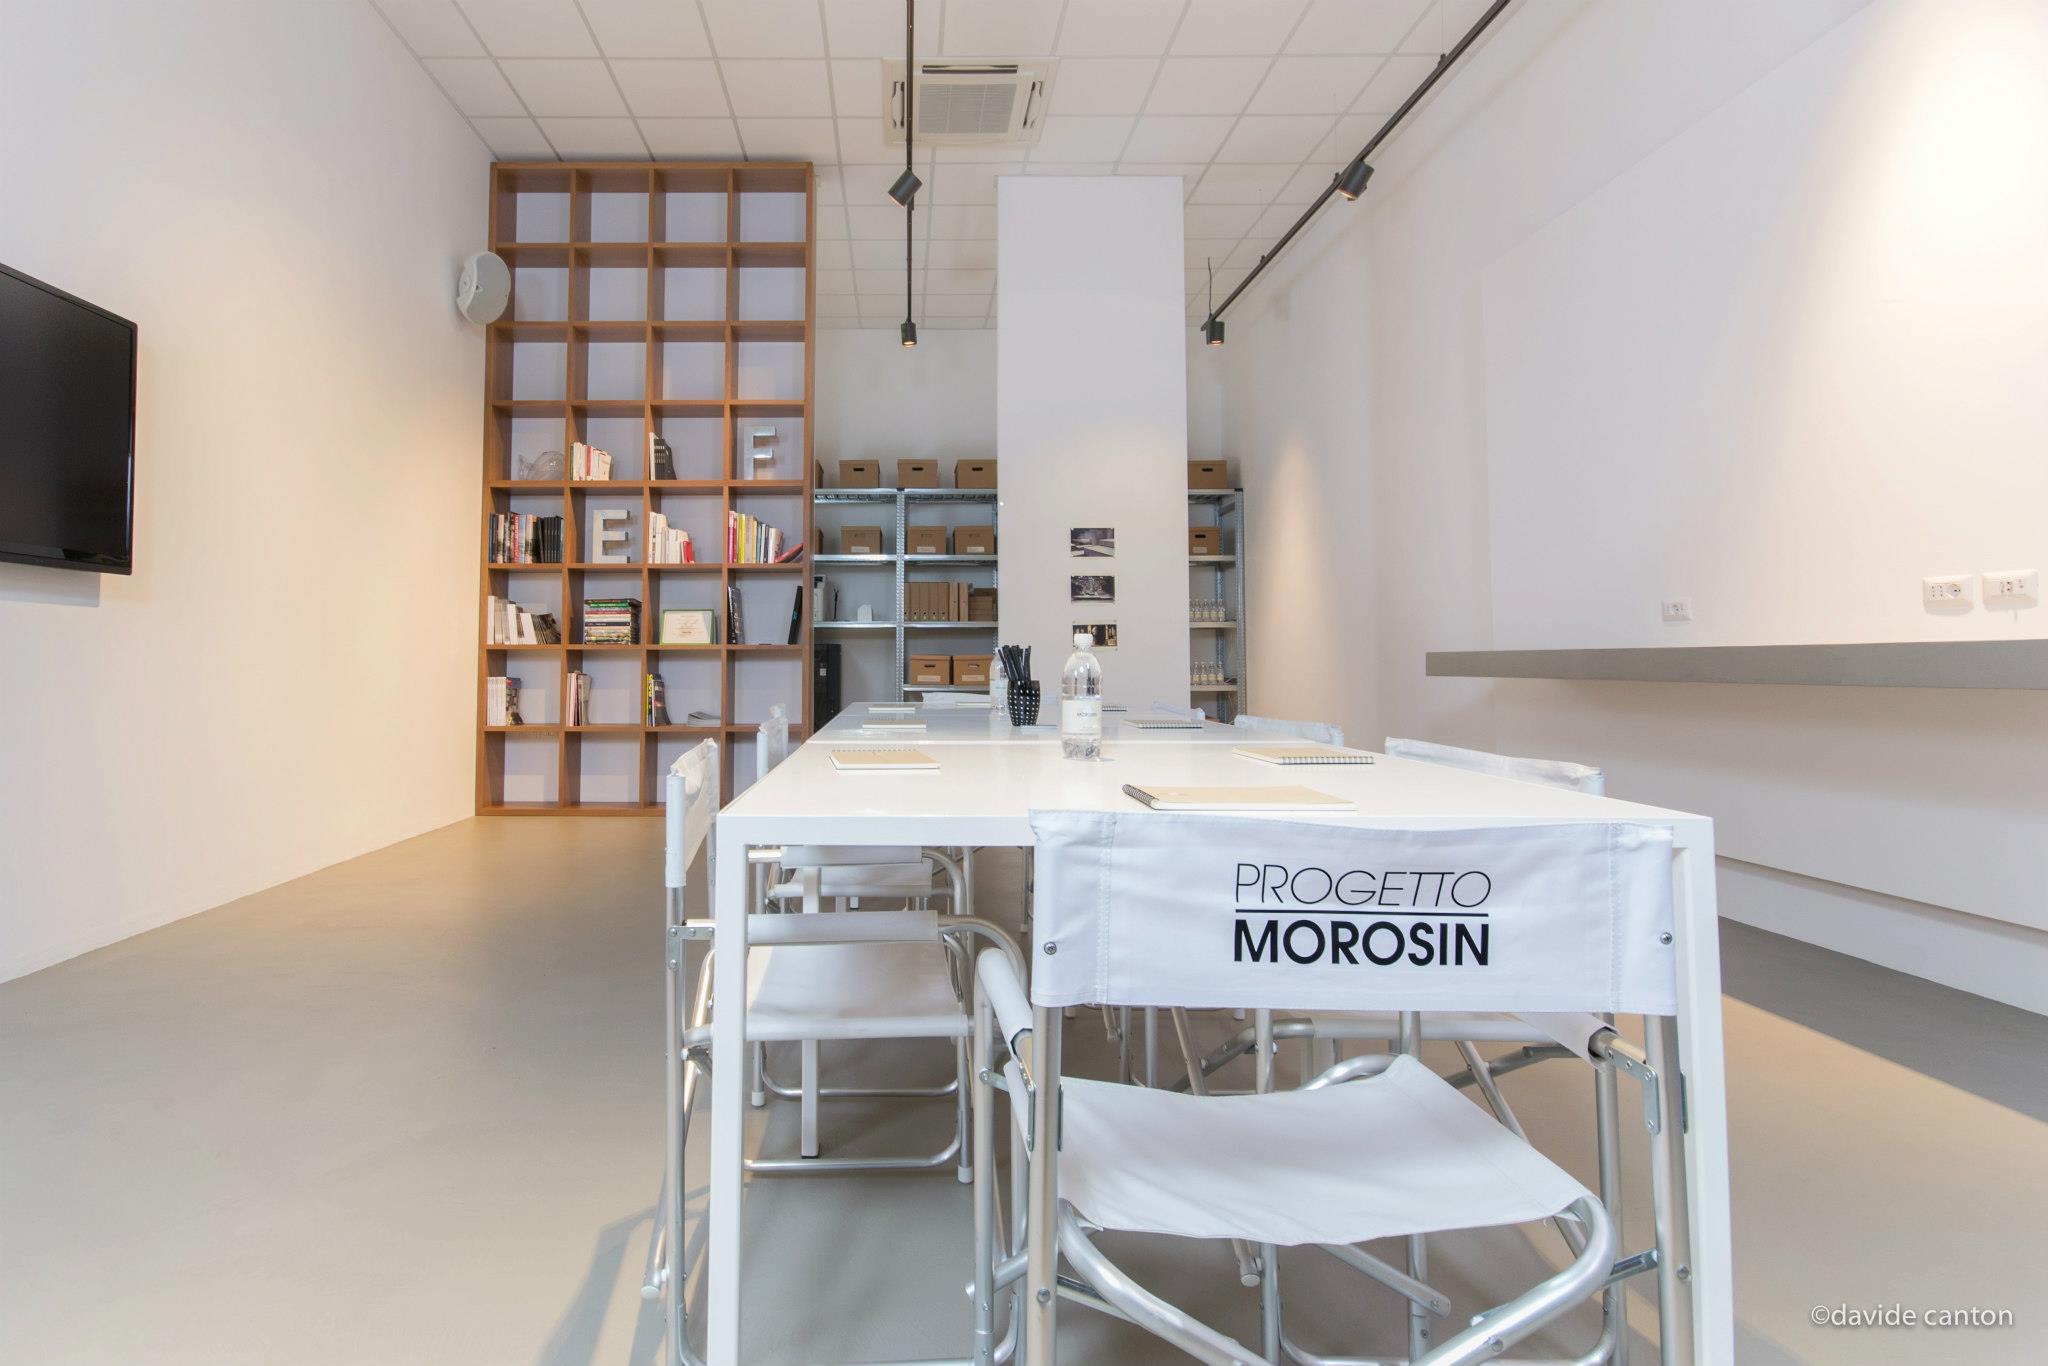 progetto-morosin-02